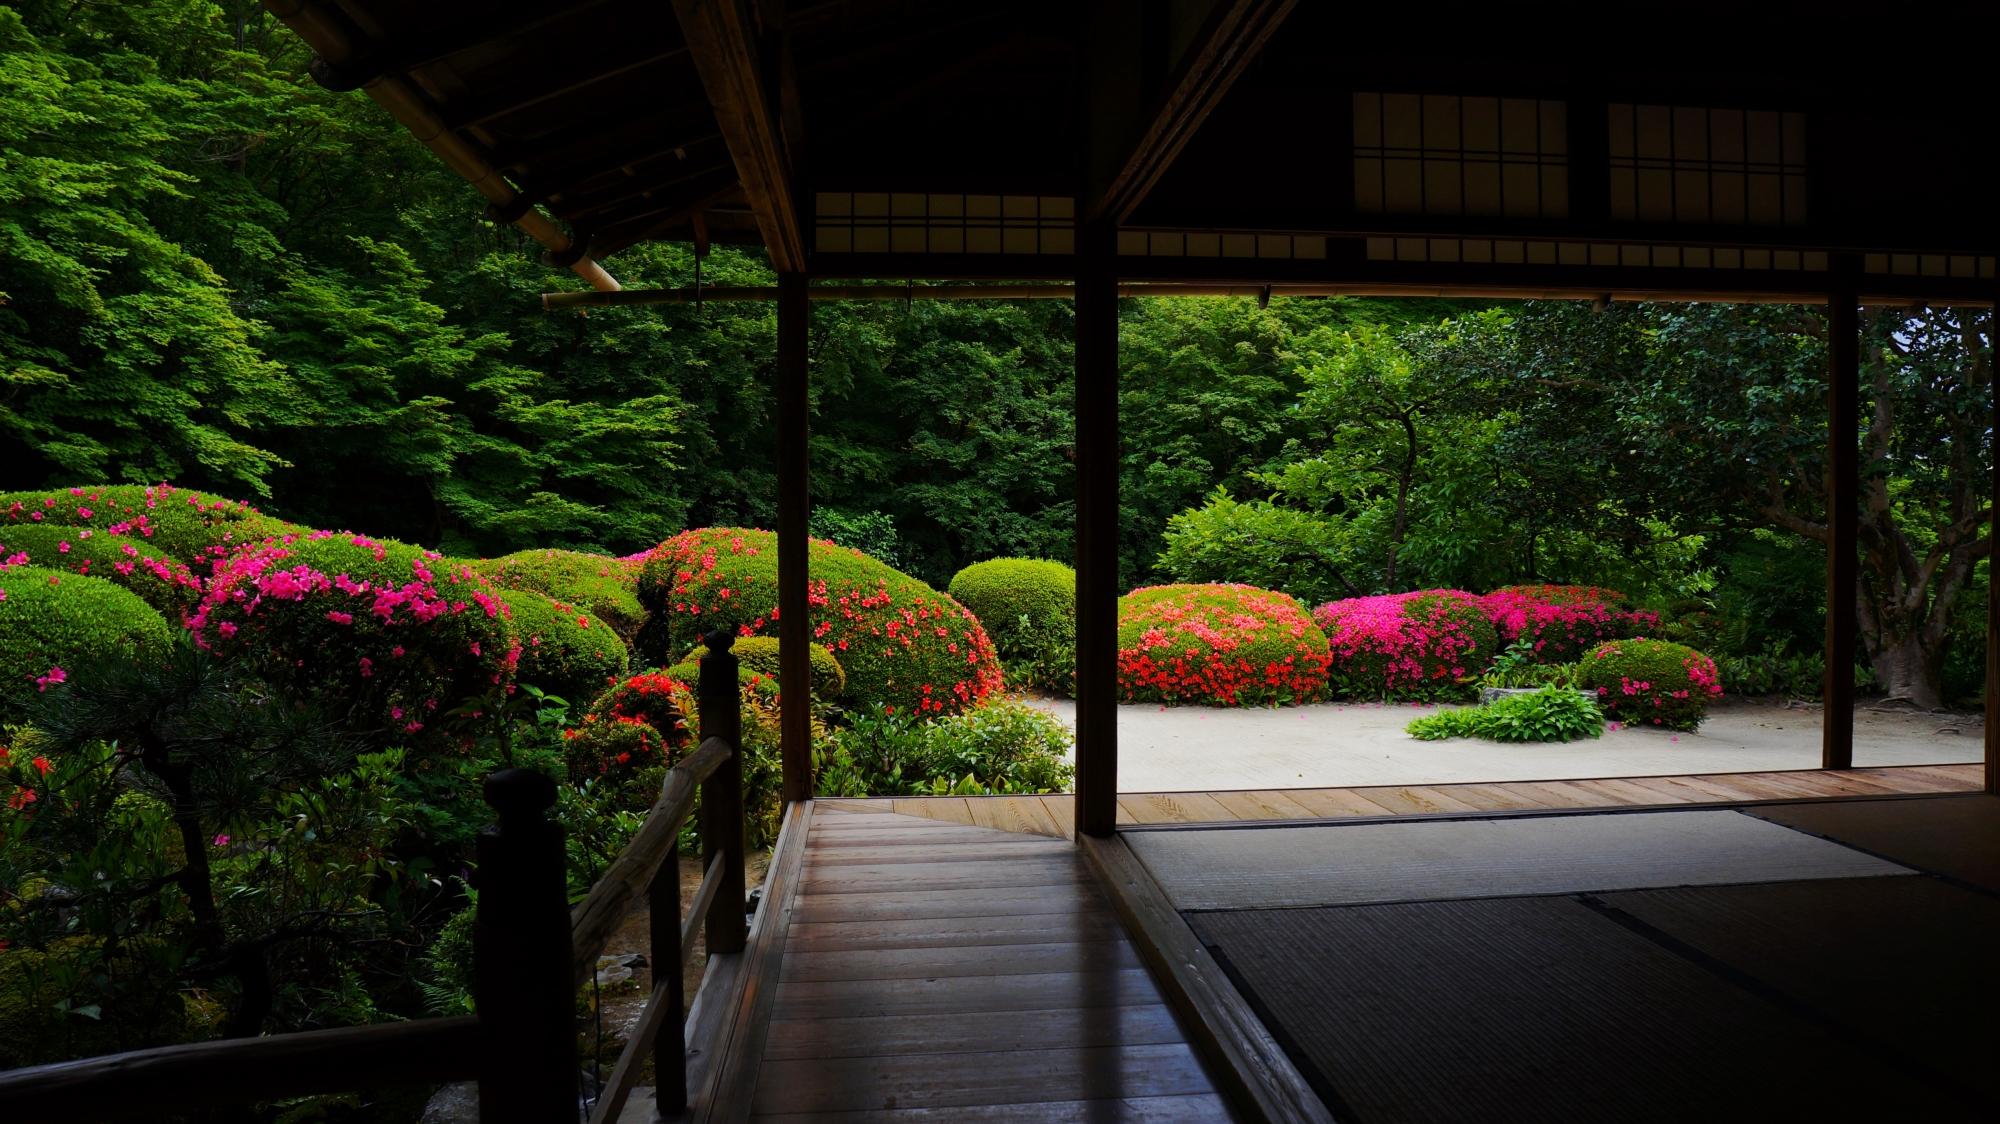 詩仙堂の枯山水庭園を彩る色とりどりのサツキ